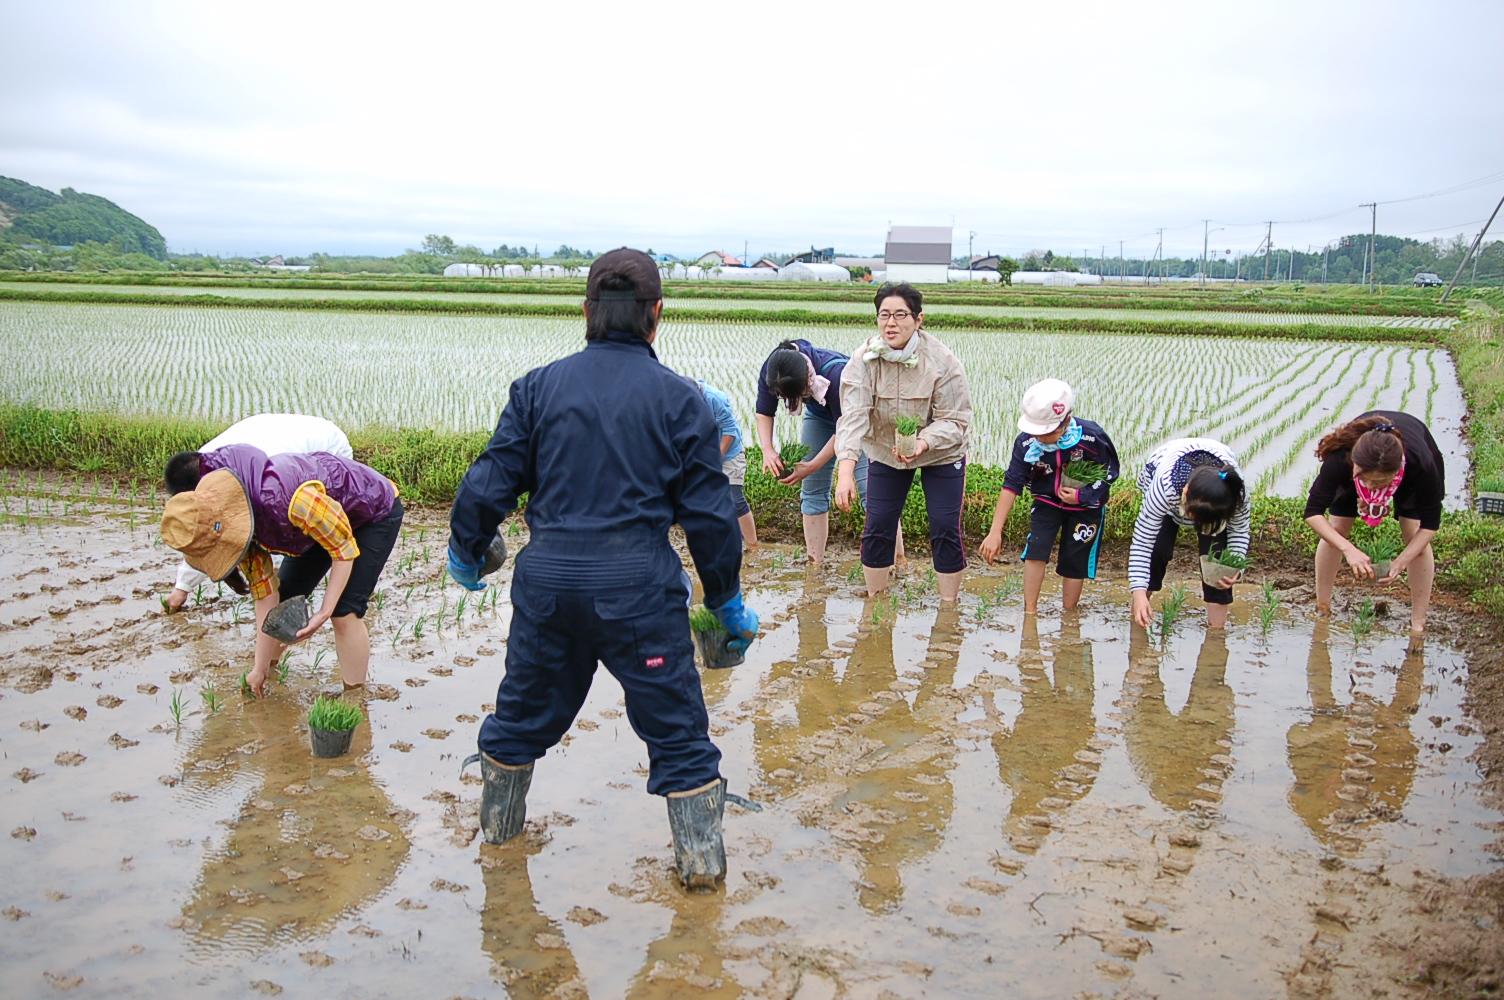 田植え体験のお米が新米となり、プレゼント品として発送いたしました